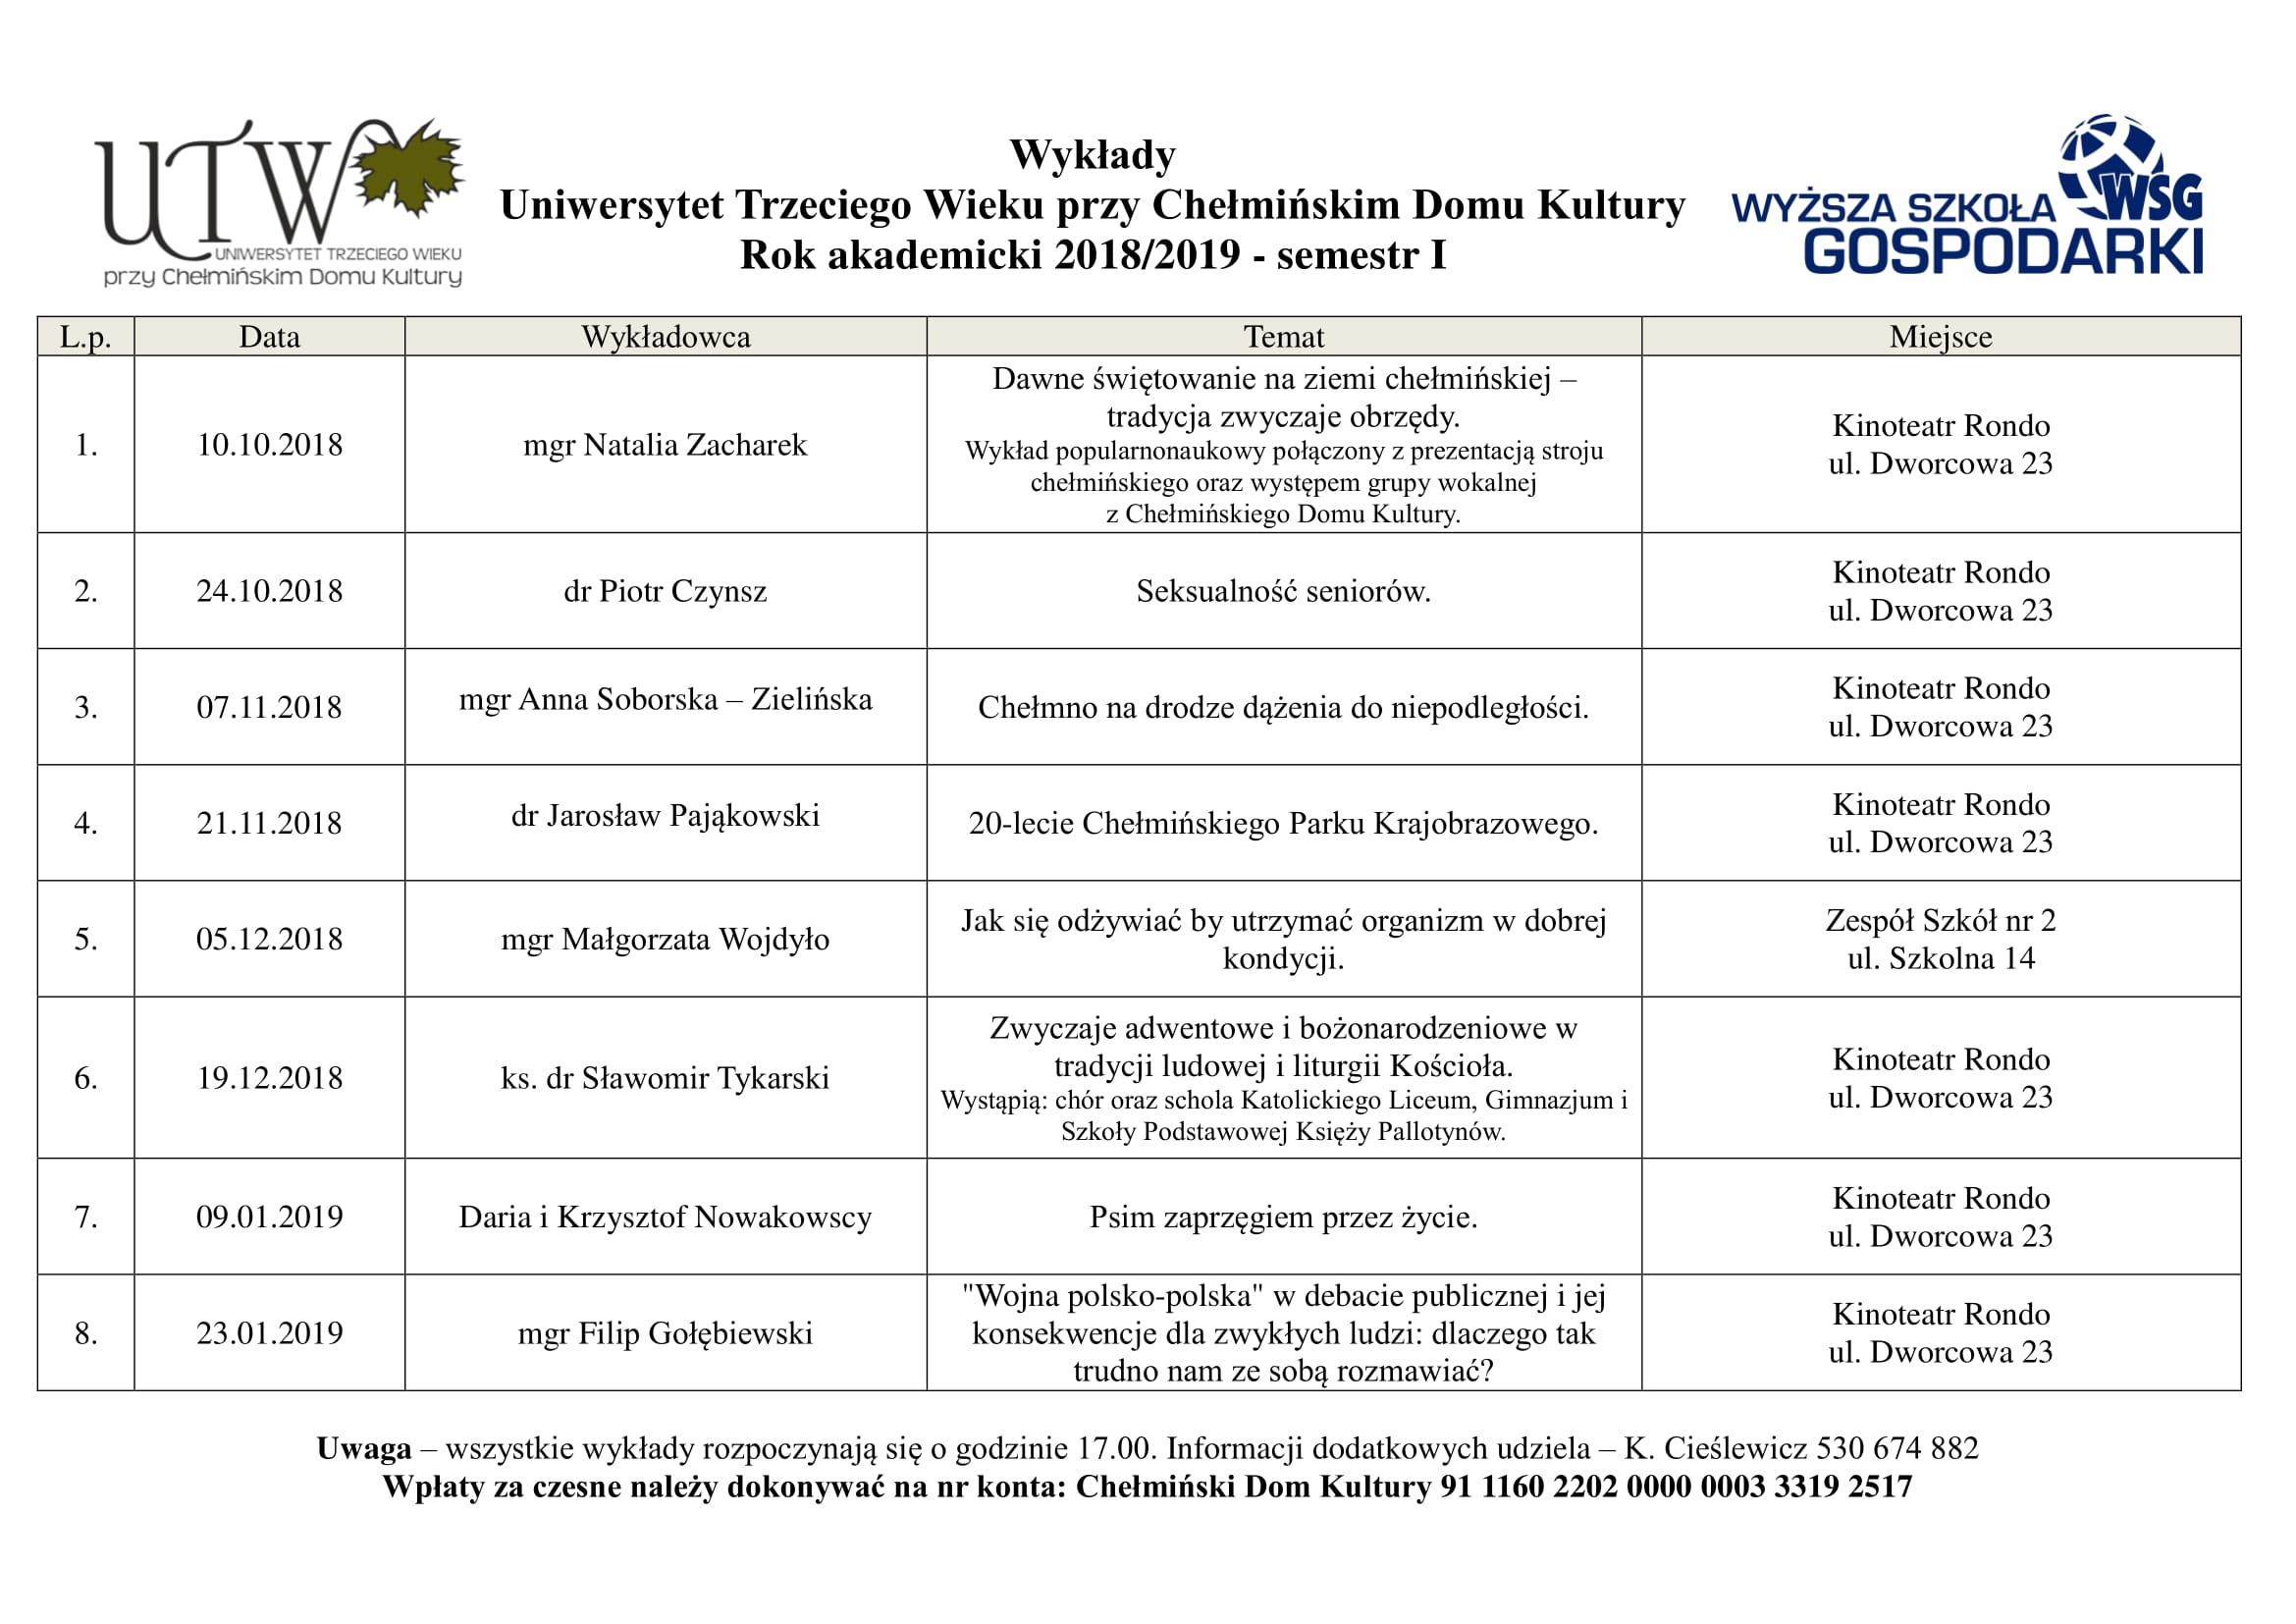 harmonogram wykładów Uniwersytetu Trzeciego Wieku przy Chełmińskim Domu Kultury na semestr zimowy w roku akademickim 2018/2019